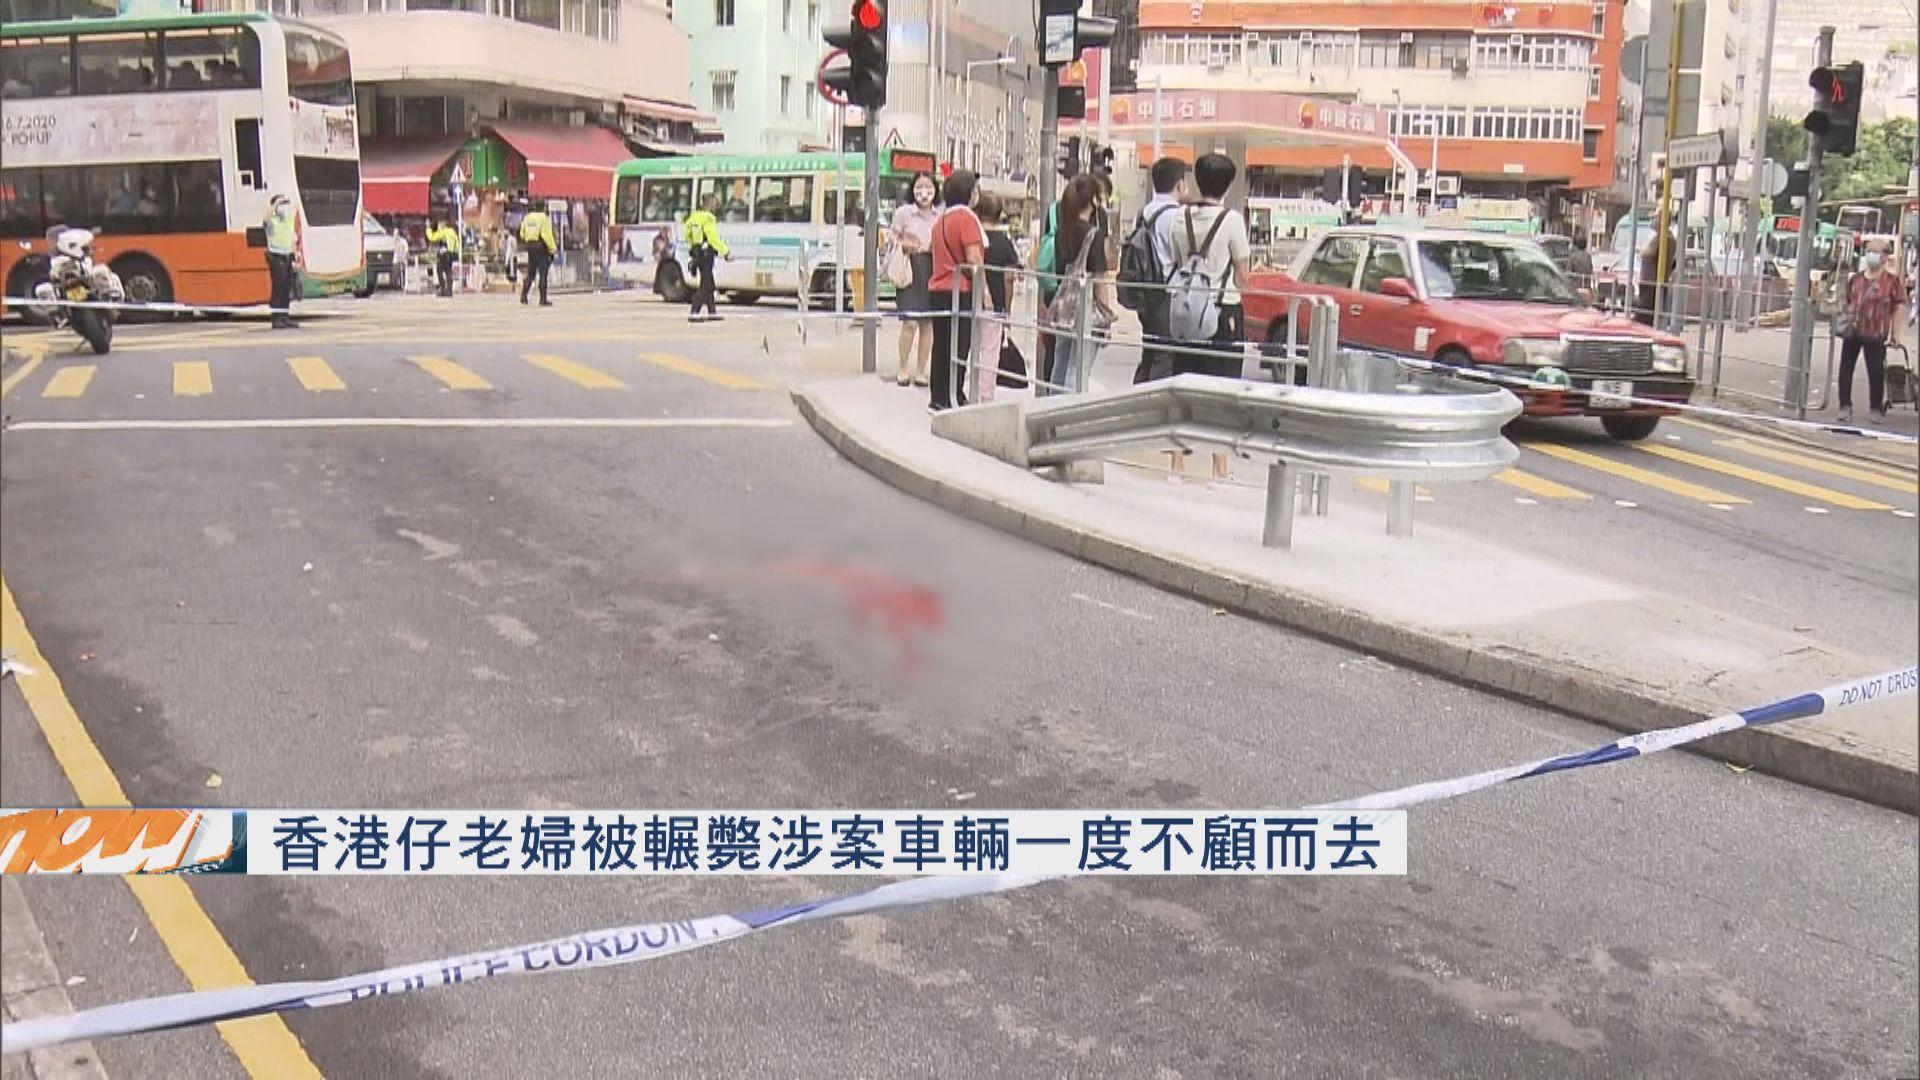 香港仔一老婦被泥頭車輾斃 涉案司機在將軍澳被捕